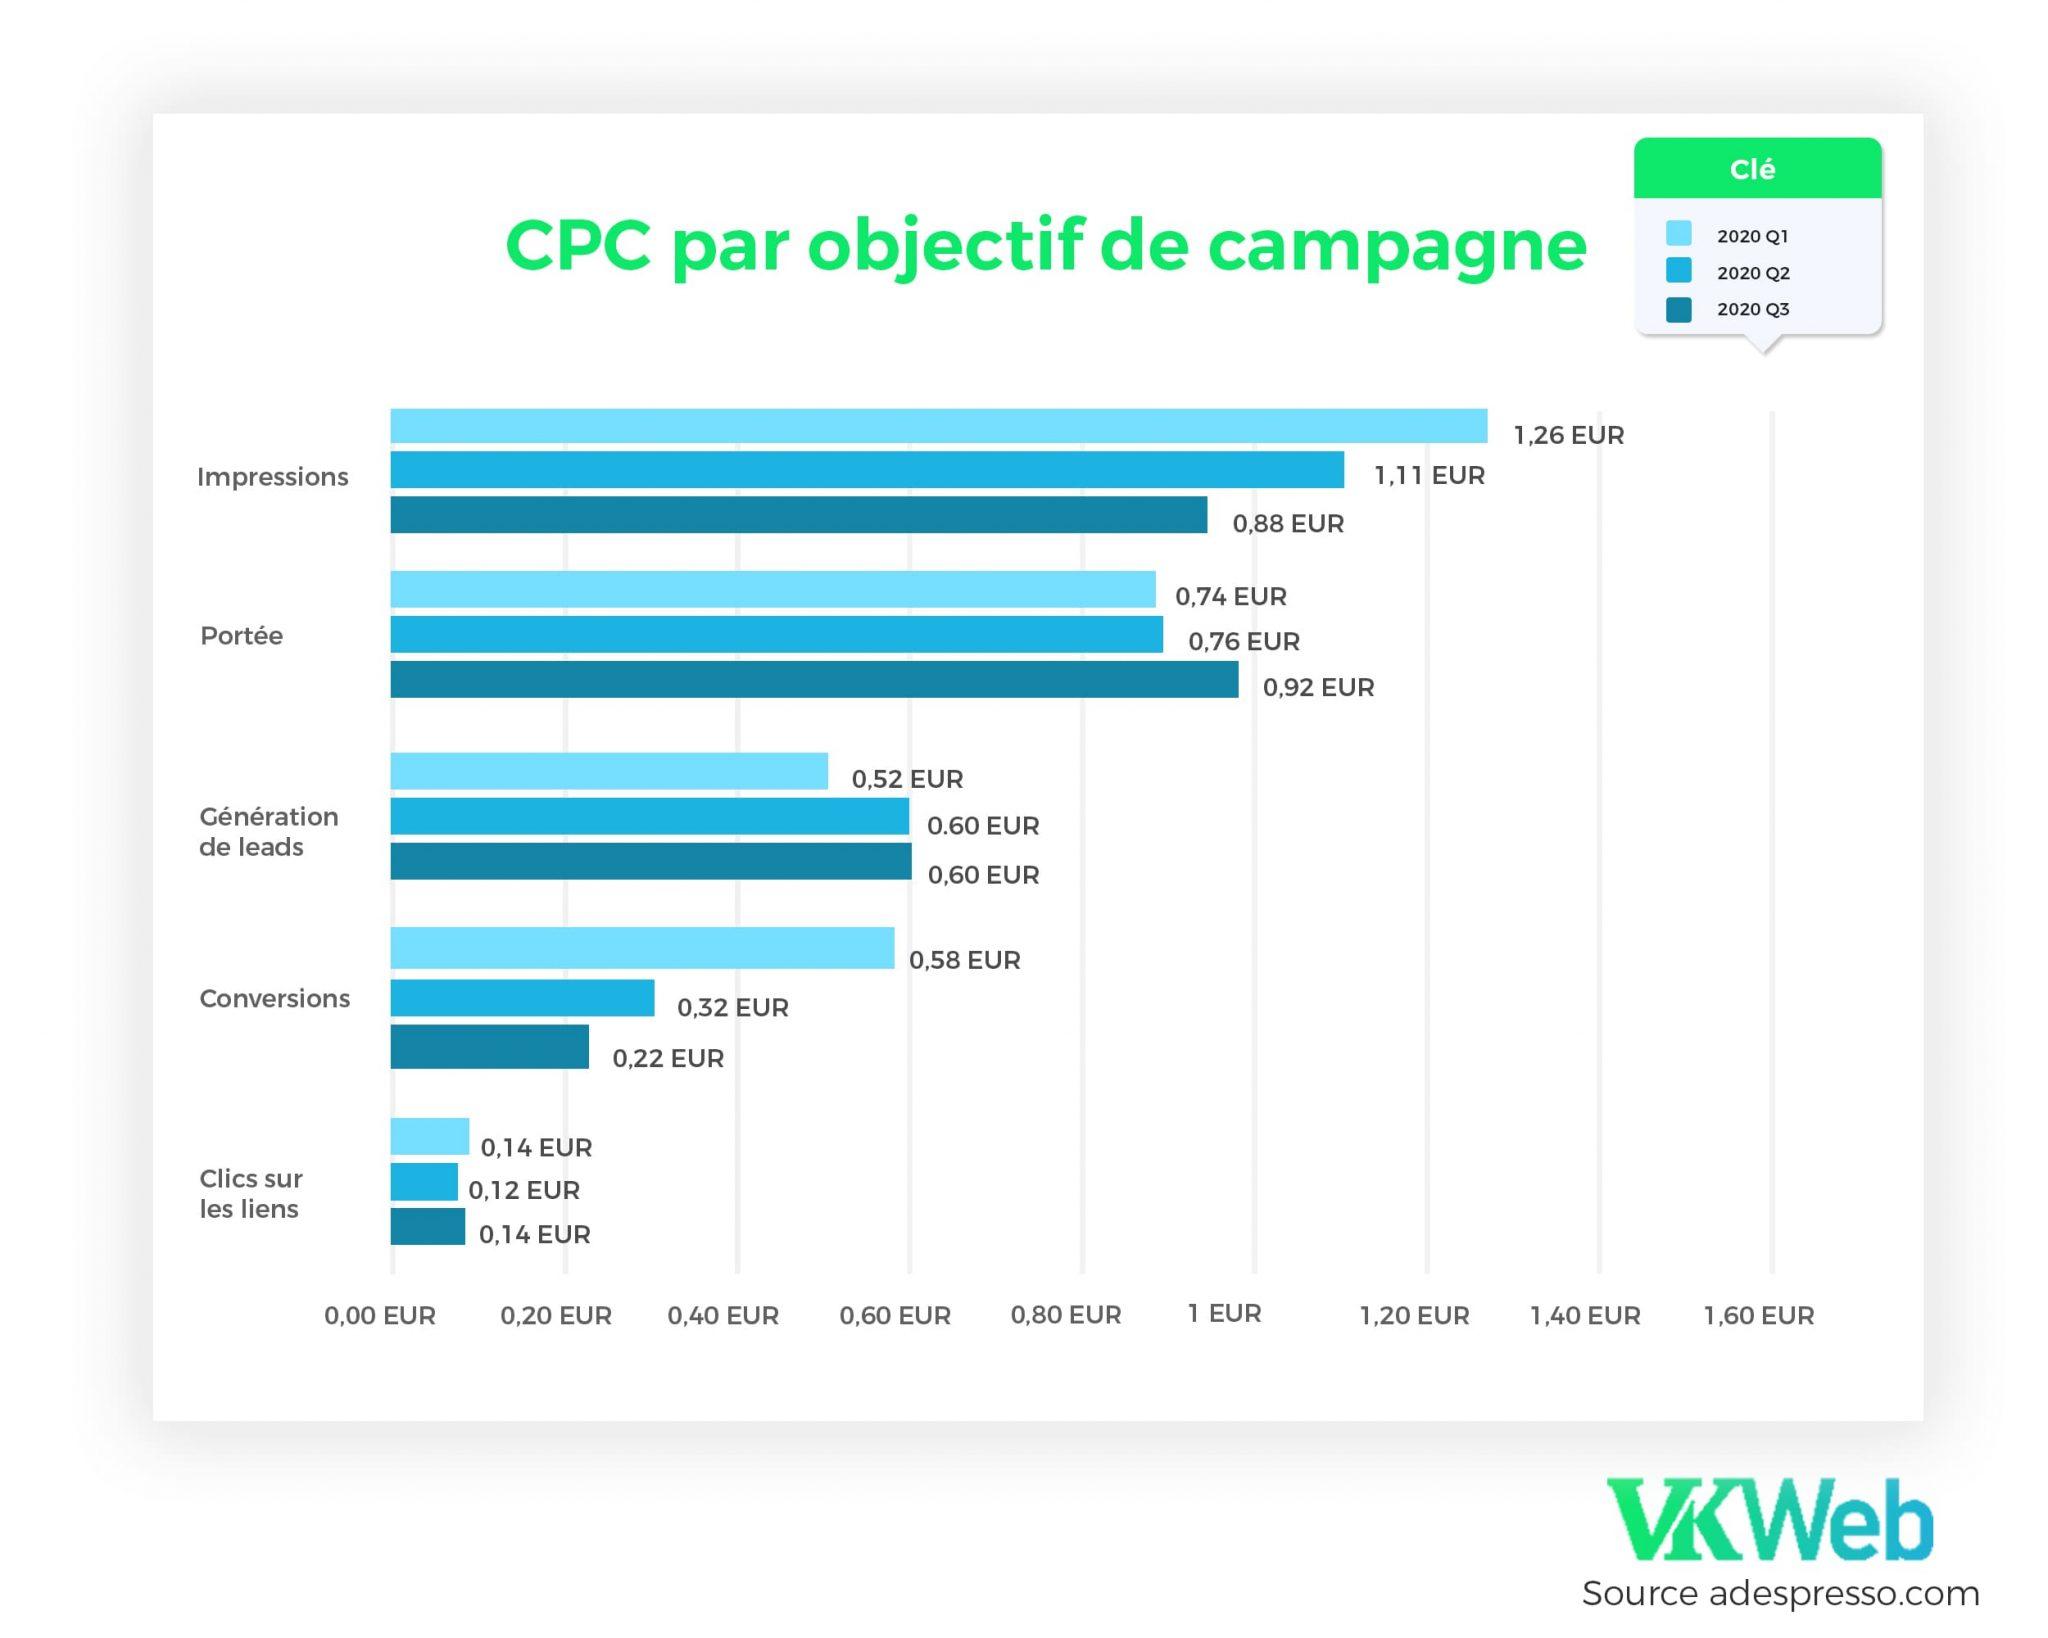 CPC par objectif de campagne 2020